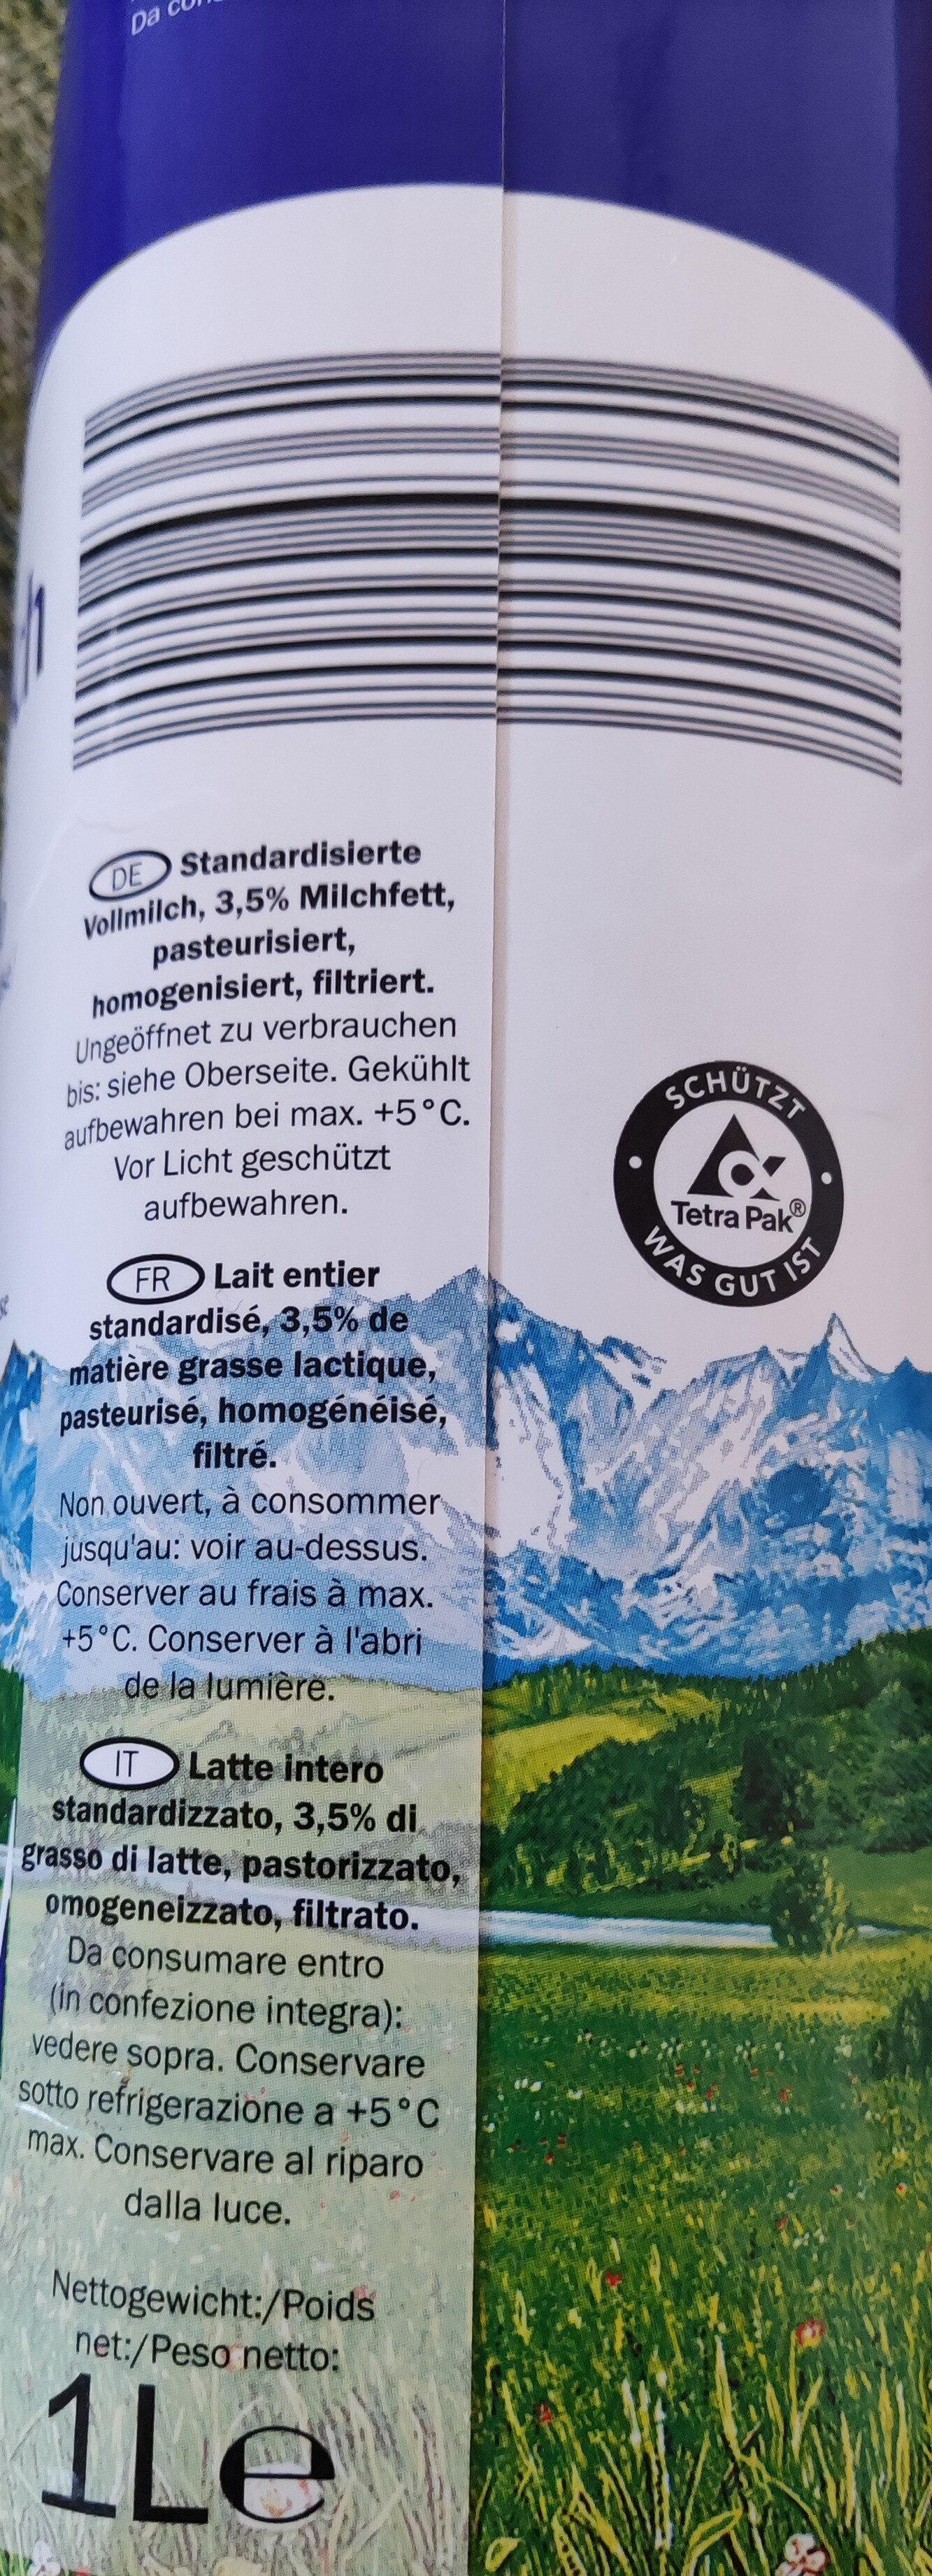 Vollmilch 3,5%, 3,5% - Ingrédients - fr